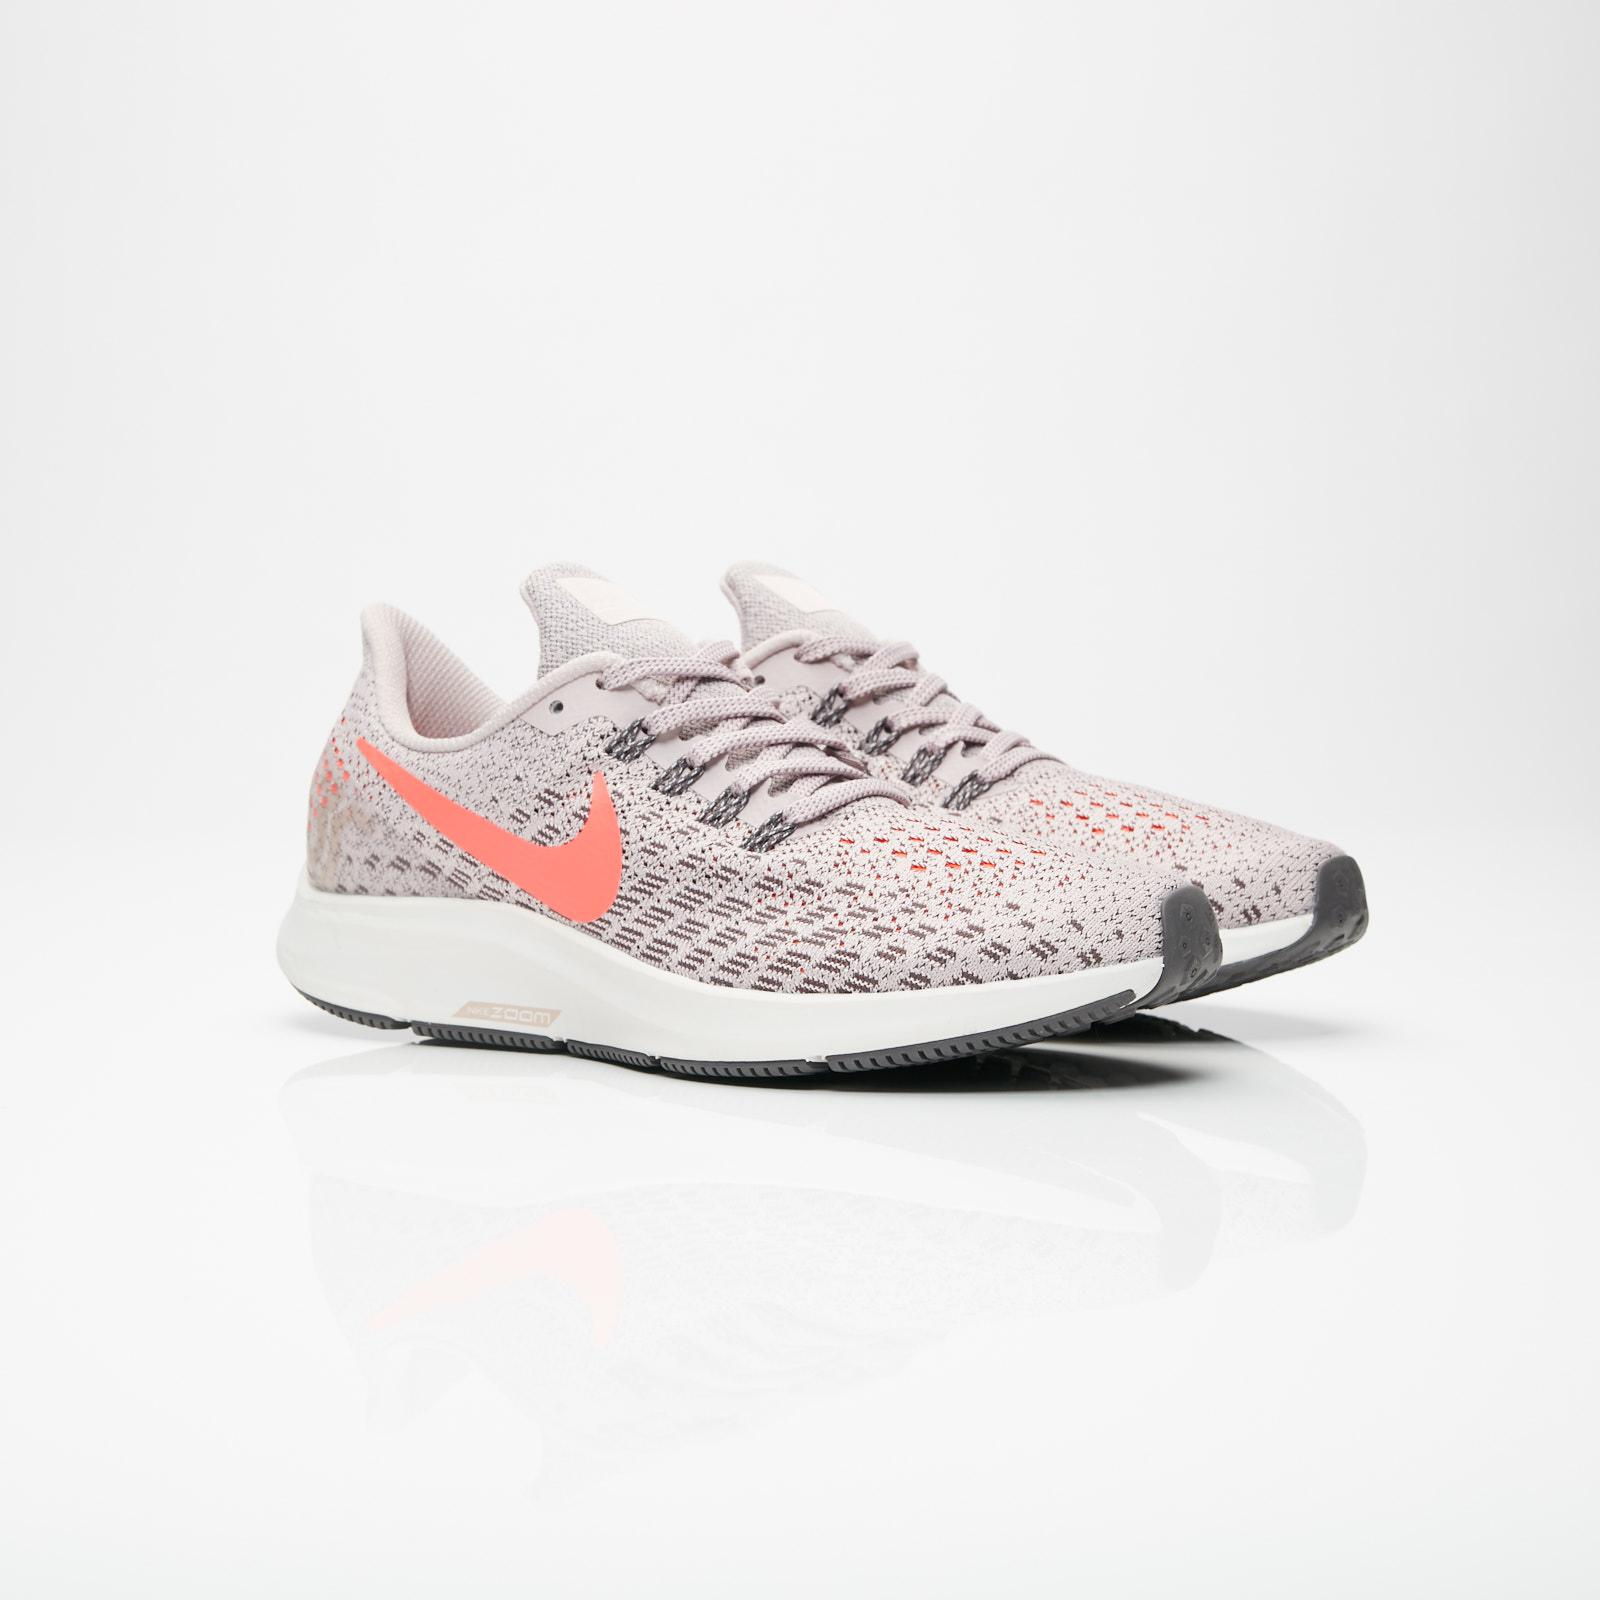 893c0674e7 Nike Air Zoom Pegasus 35 - 942855-602 - Sneakersnstuff